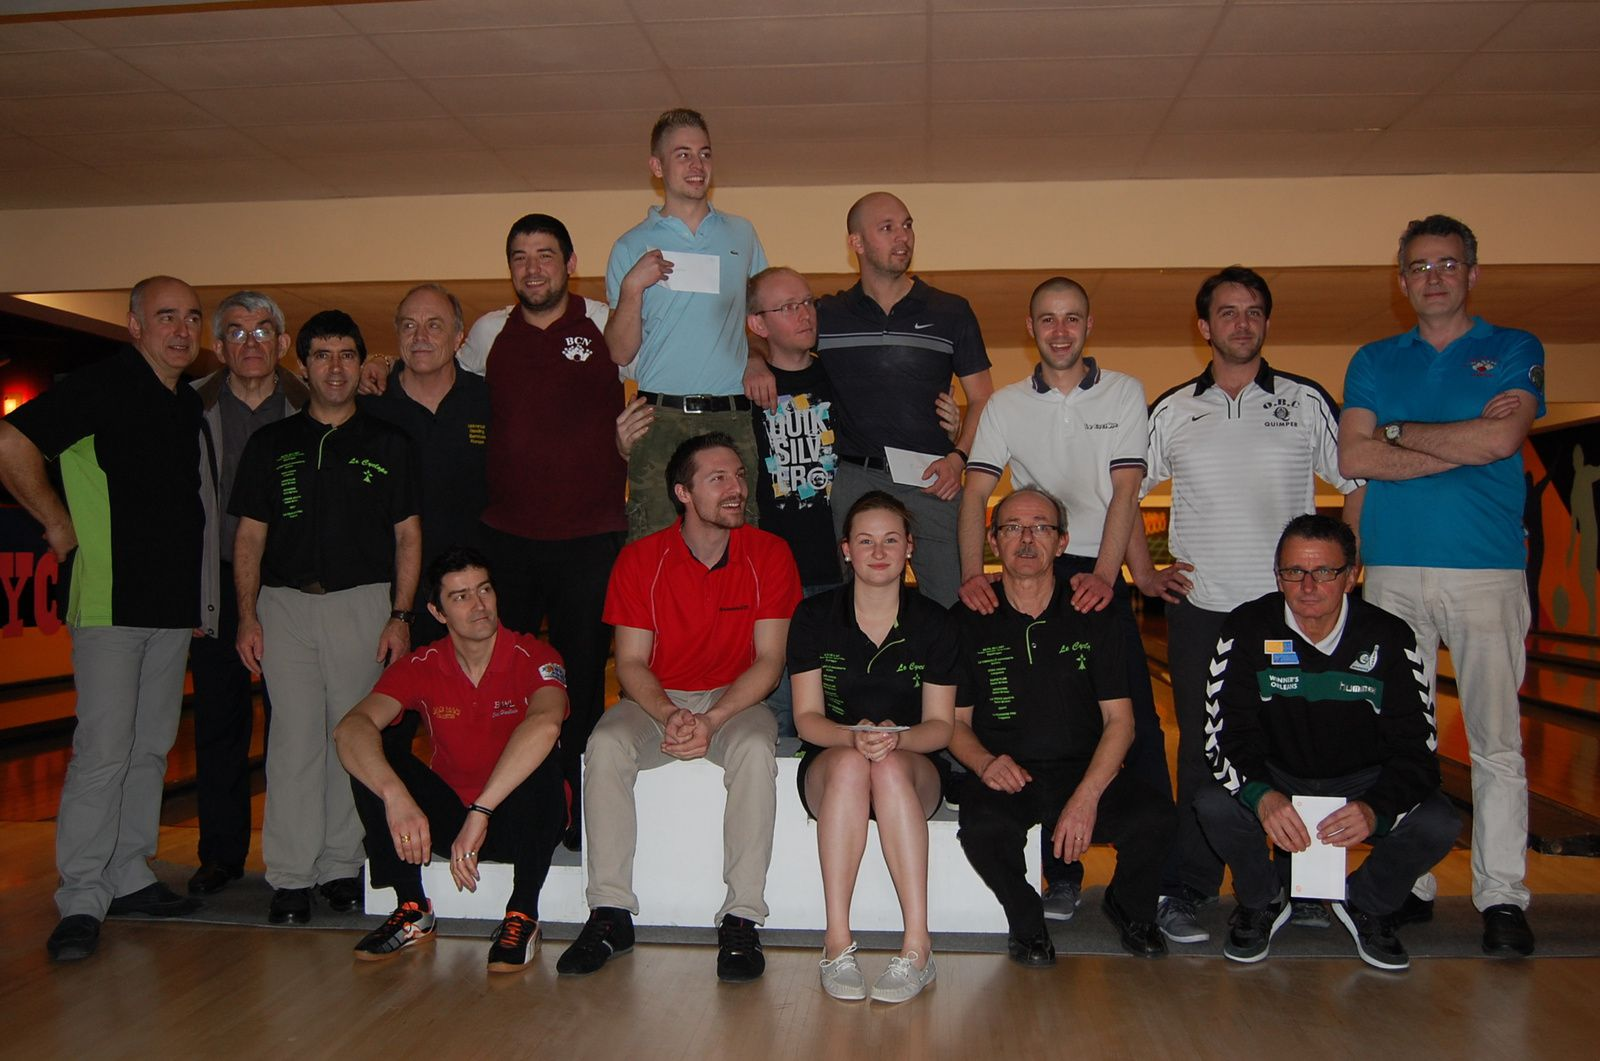 Tournoi Scratch/handicap SAINT BRIEUC - Le résultat final